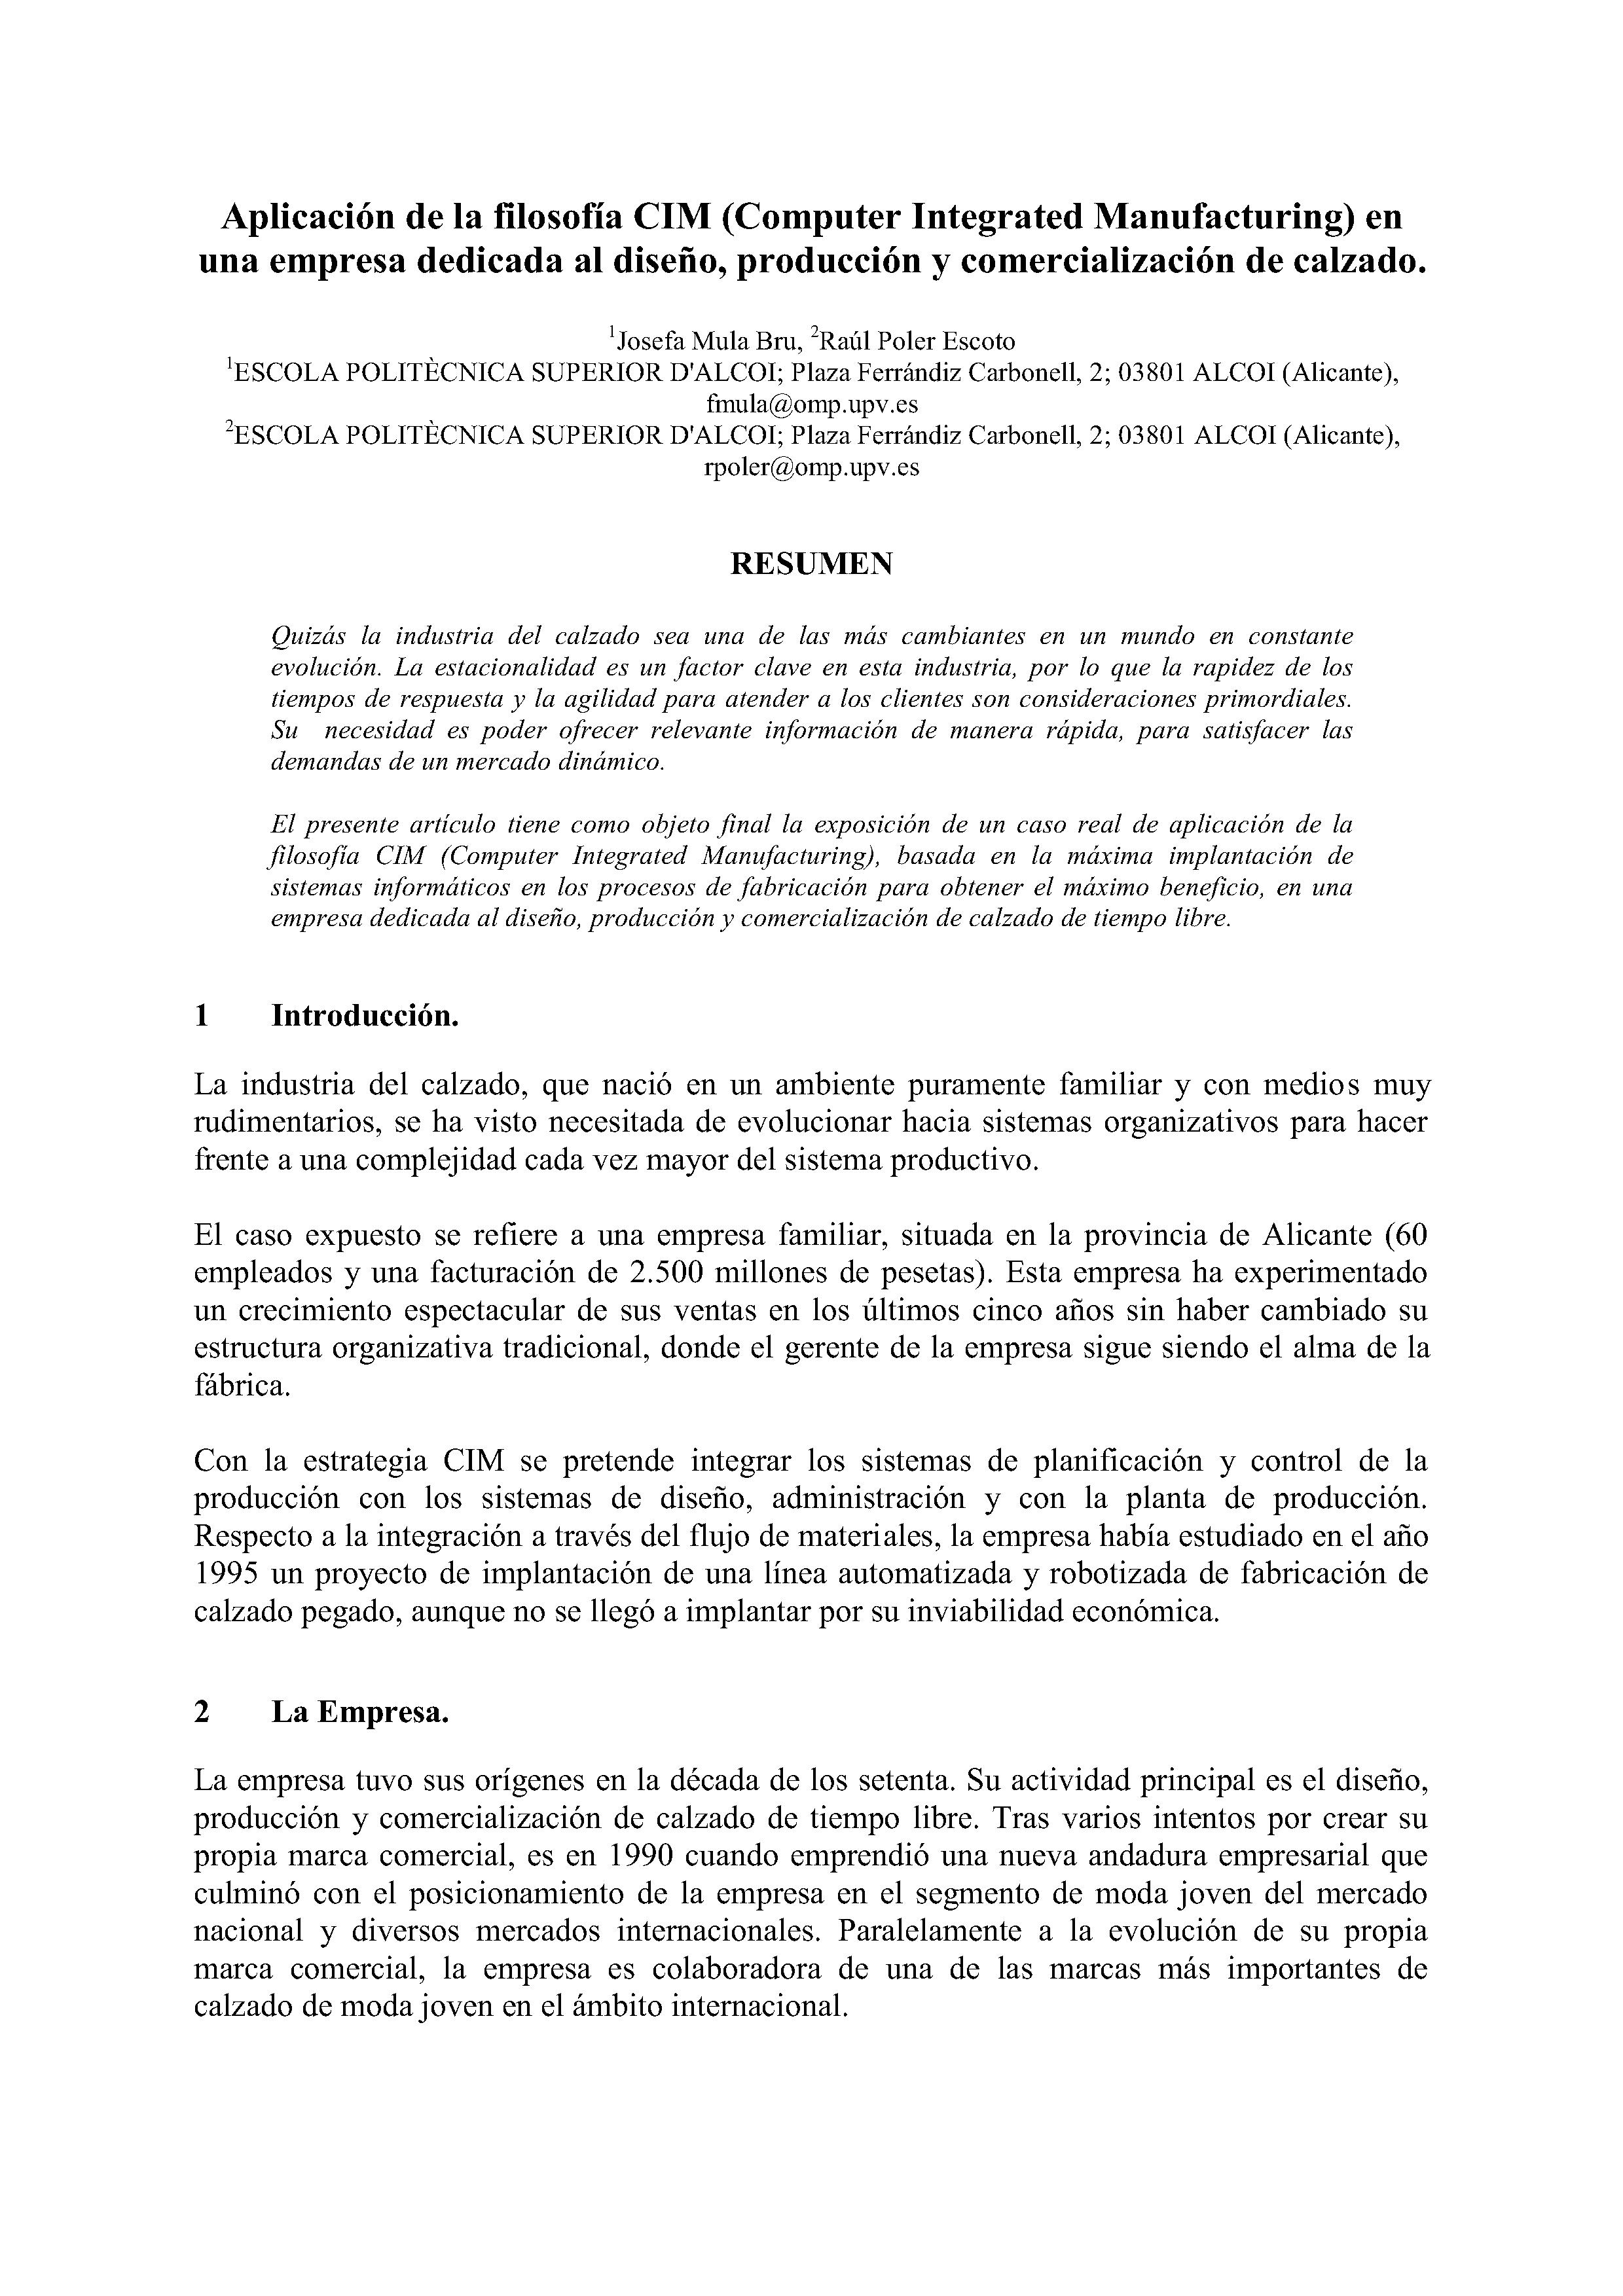 Aplicación de la filosofía CIM (Computer Integrated Manufacturing) en una empresa dedicada al diseño, producción y comercialización de calzado.